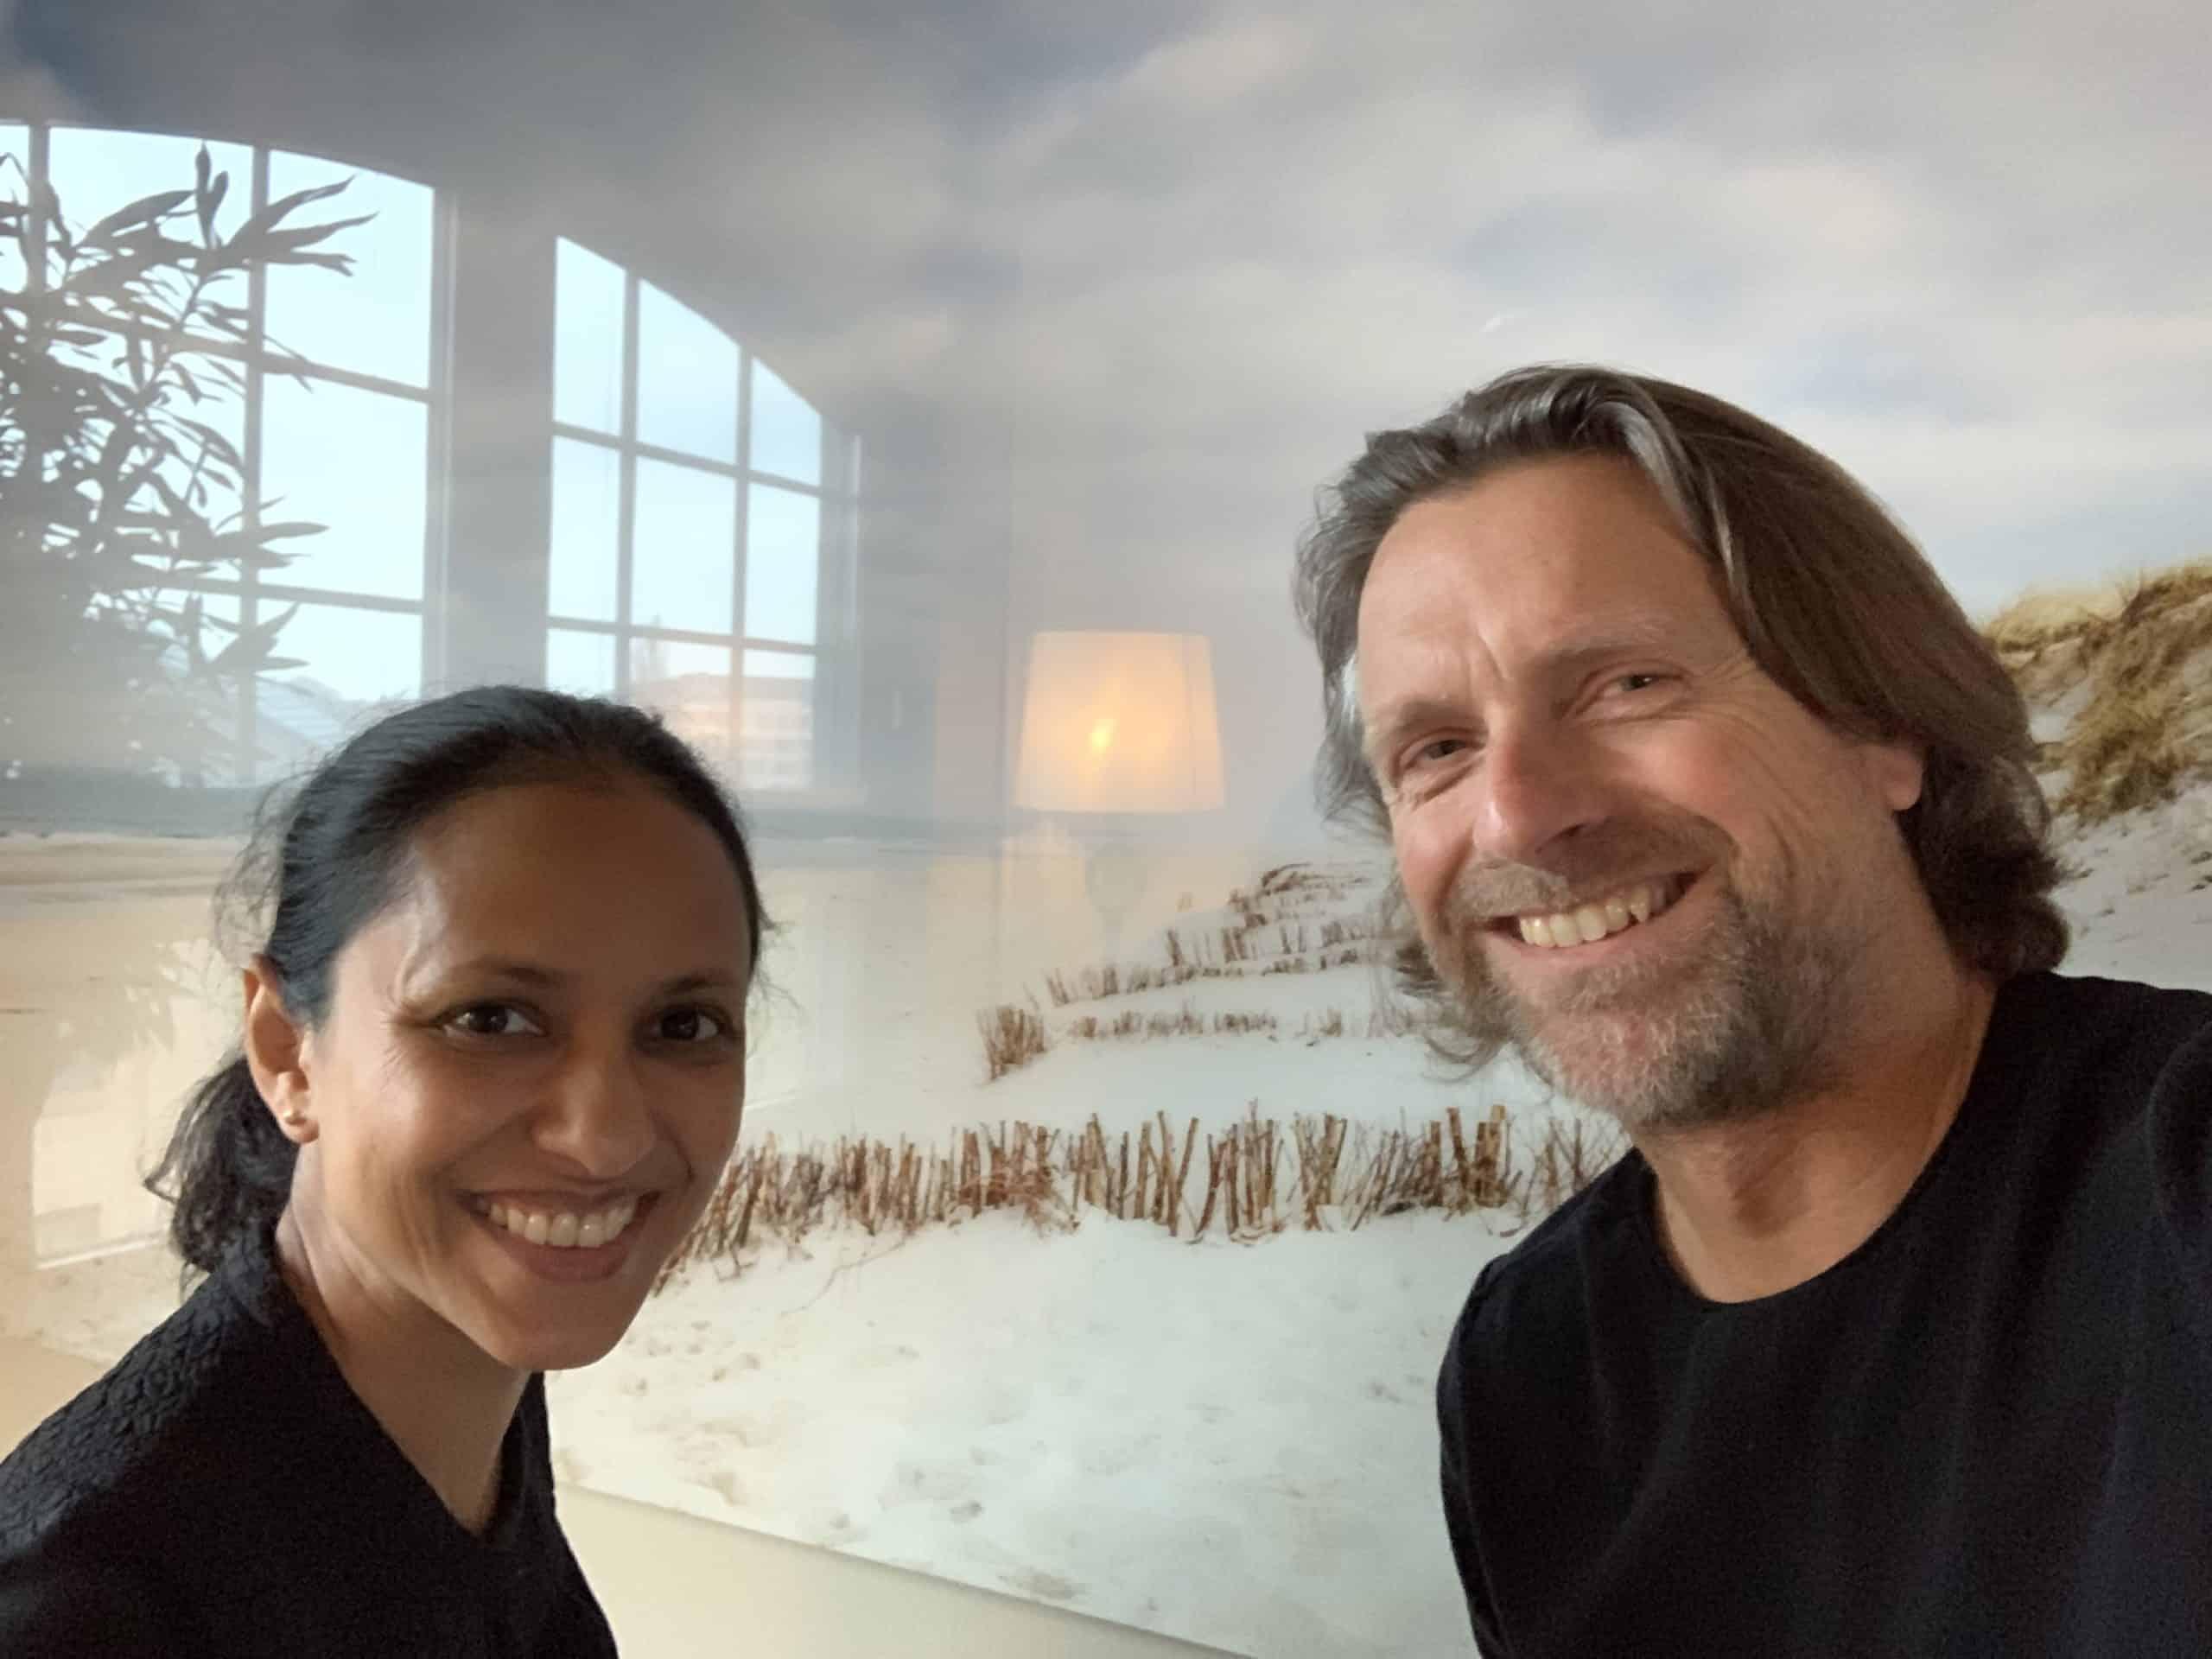 Wir nehmen jetzt nen Podcast auf: Dalia Das und saatkorn im Konfi Sylt